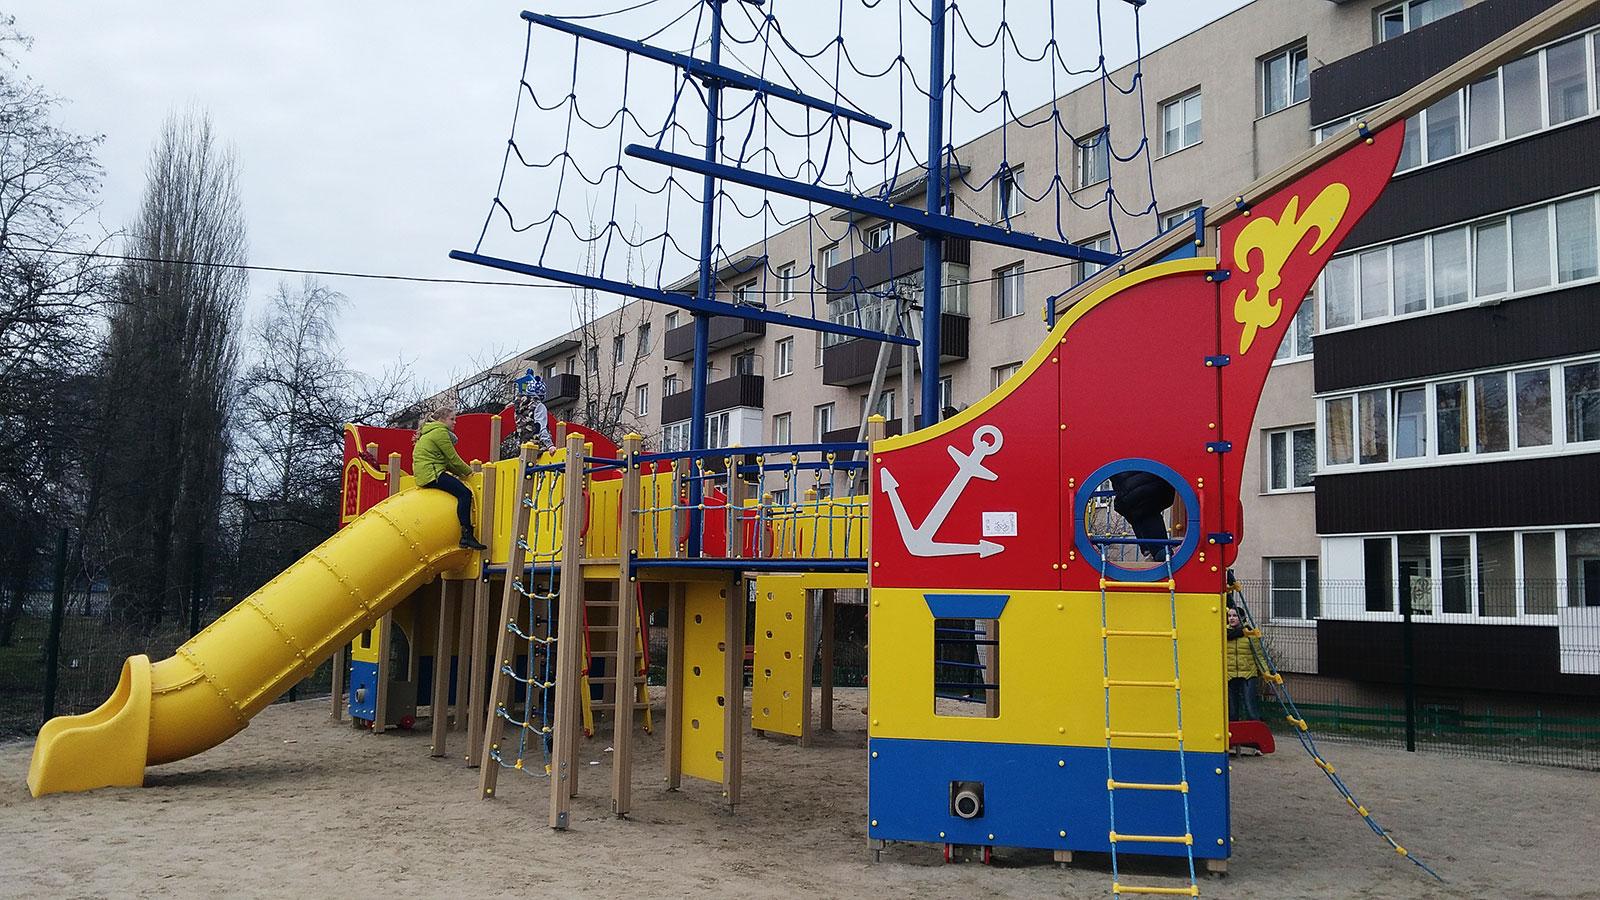 детский корабль на улице вокзальная в пионерске